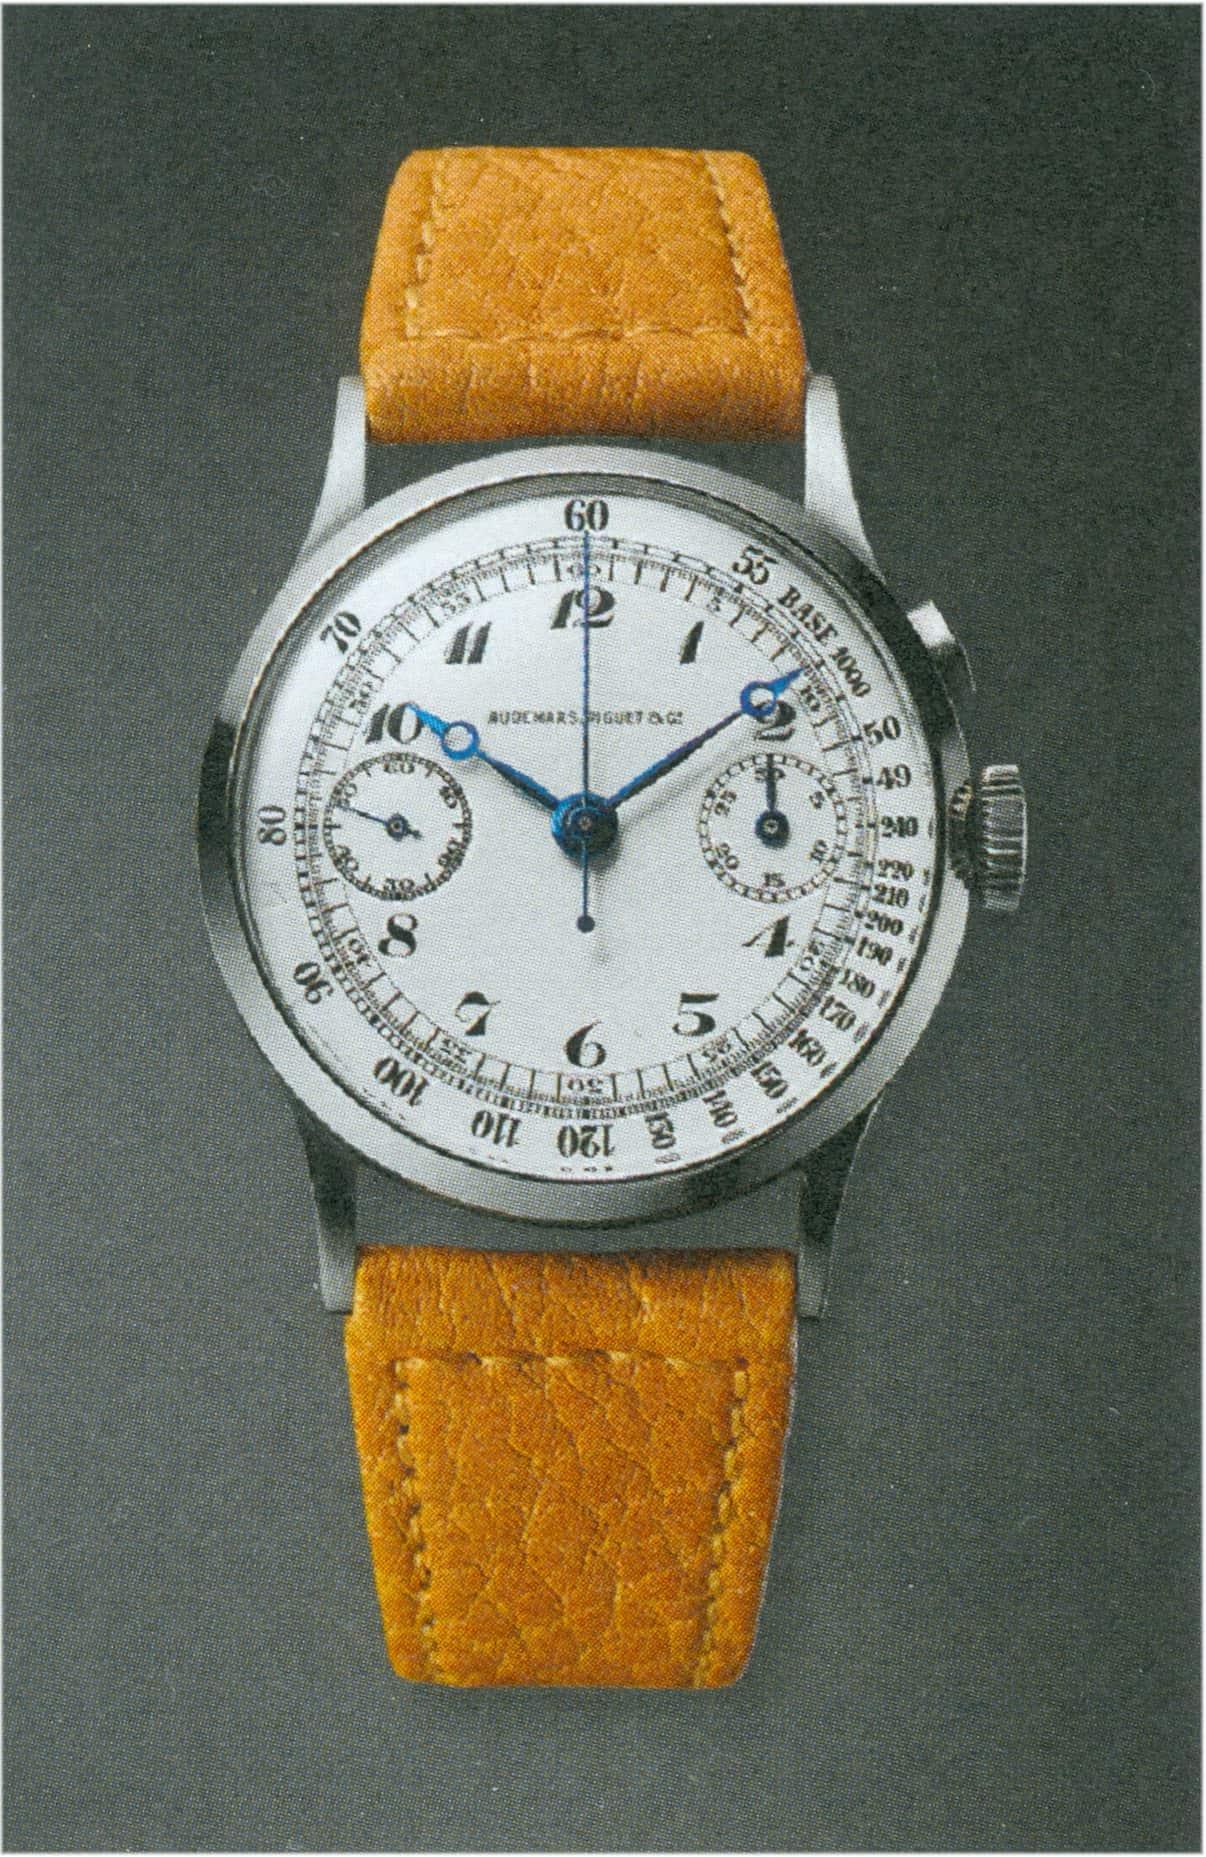 Der Drücker-Chronograph in Edelstahl, Kaliber 13 Chrono, wurd im Jahr 1936 von Baron Sysonby erworben